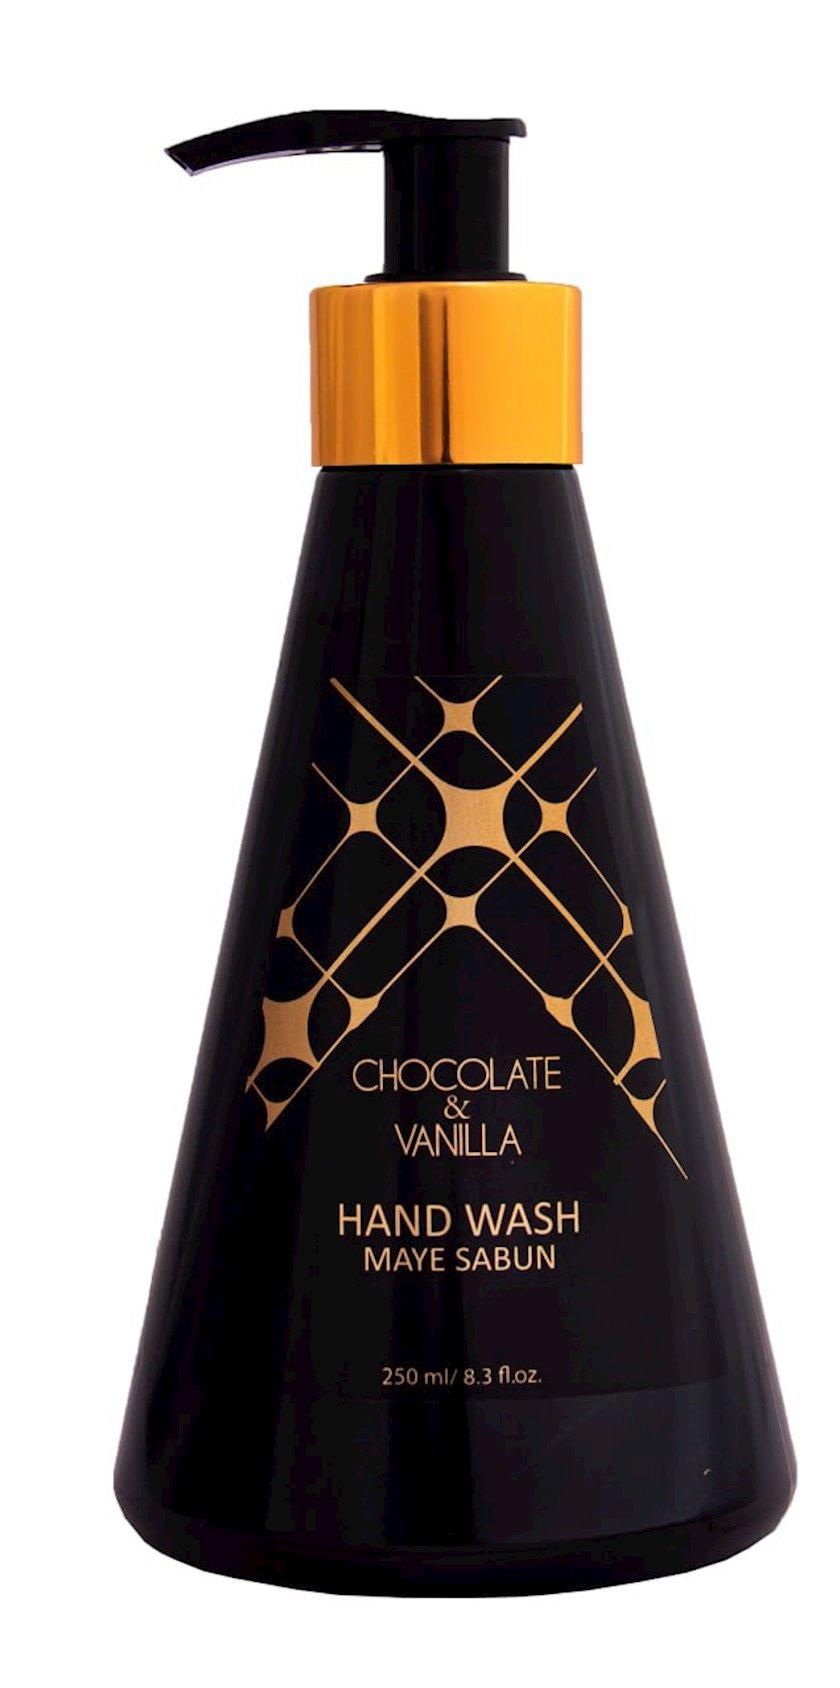 Maye sabun Chocolate&Vanilla Hand Wash 250 ml